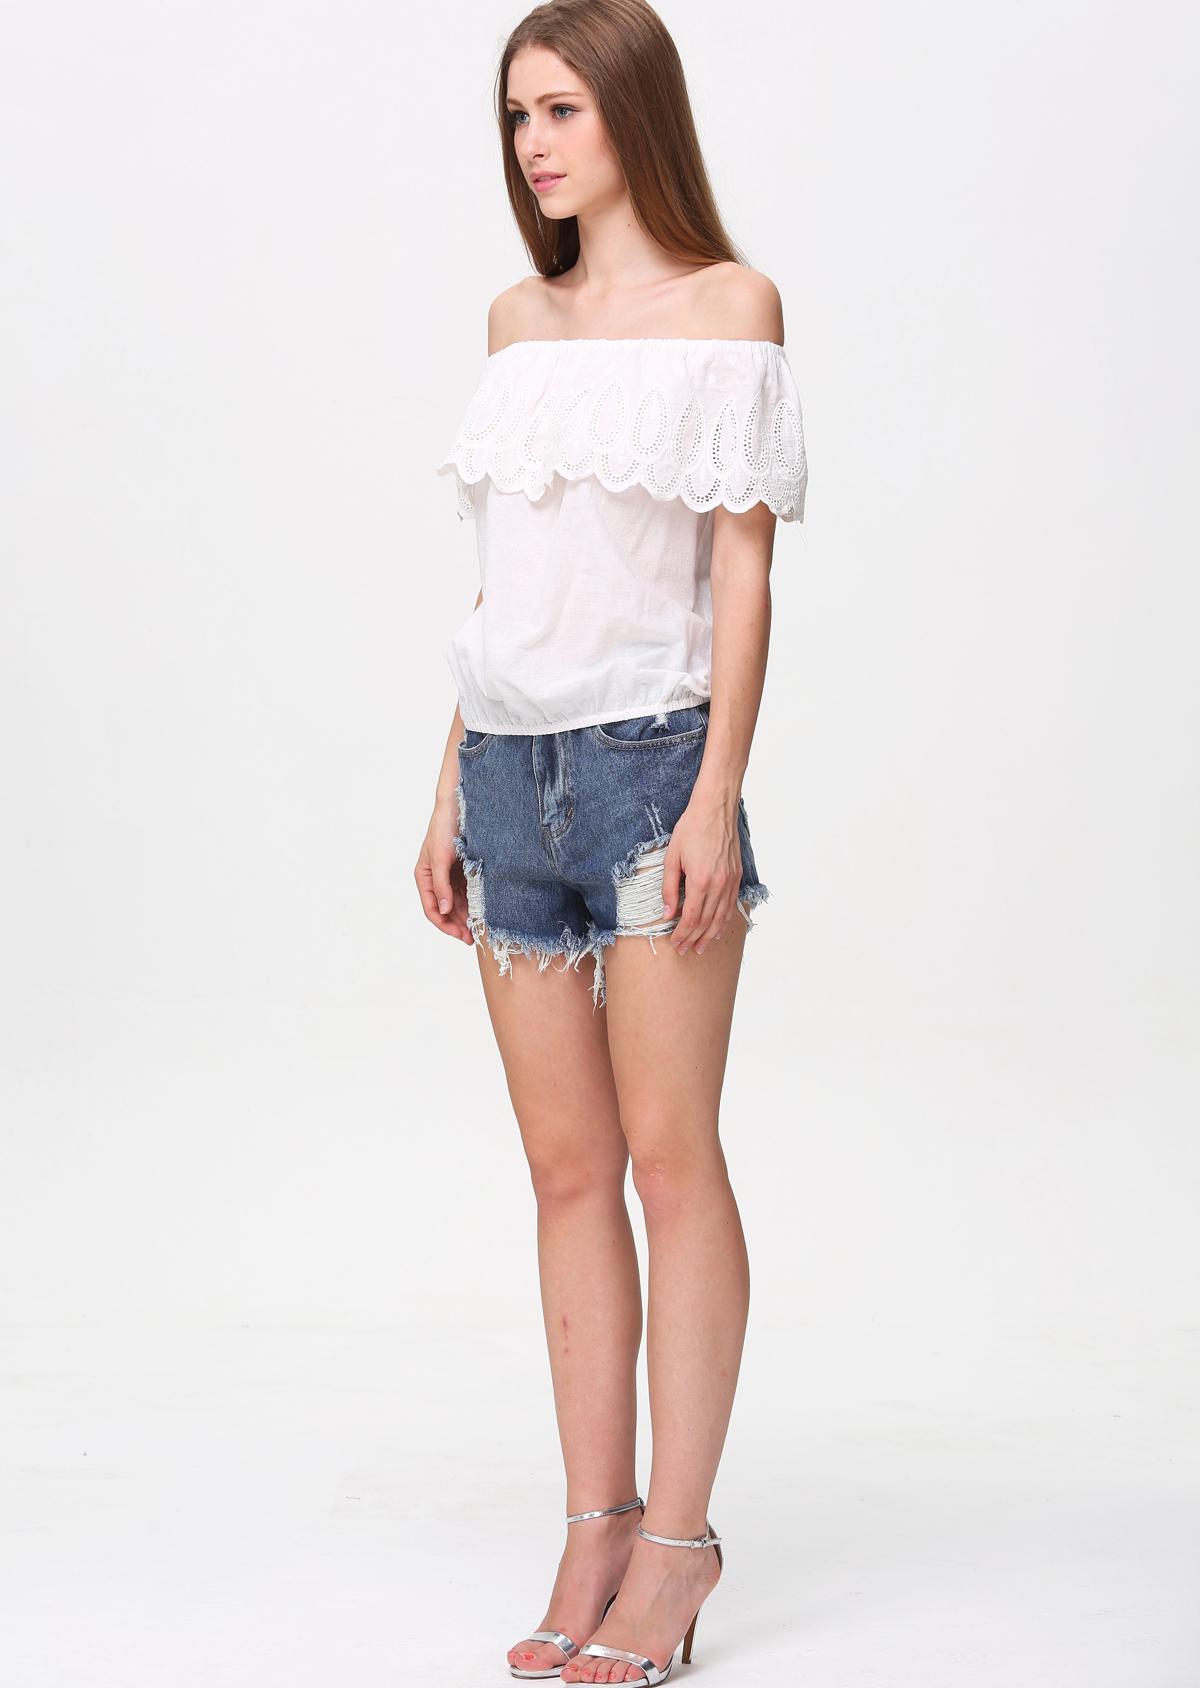 White Off the Shoulder Ruffle Hem Top - Sheinside.com